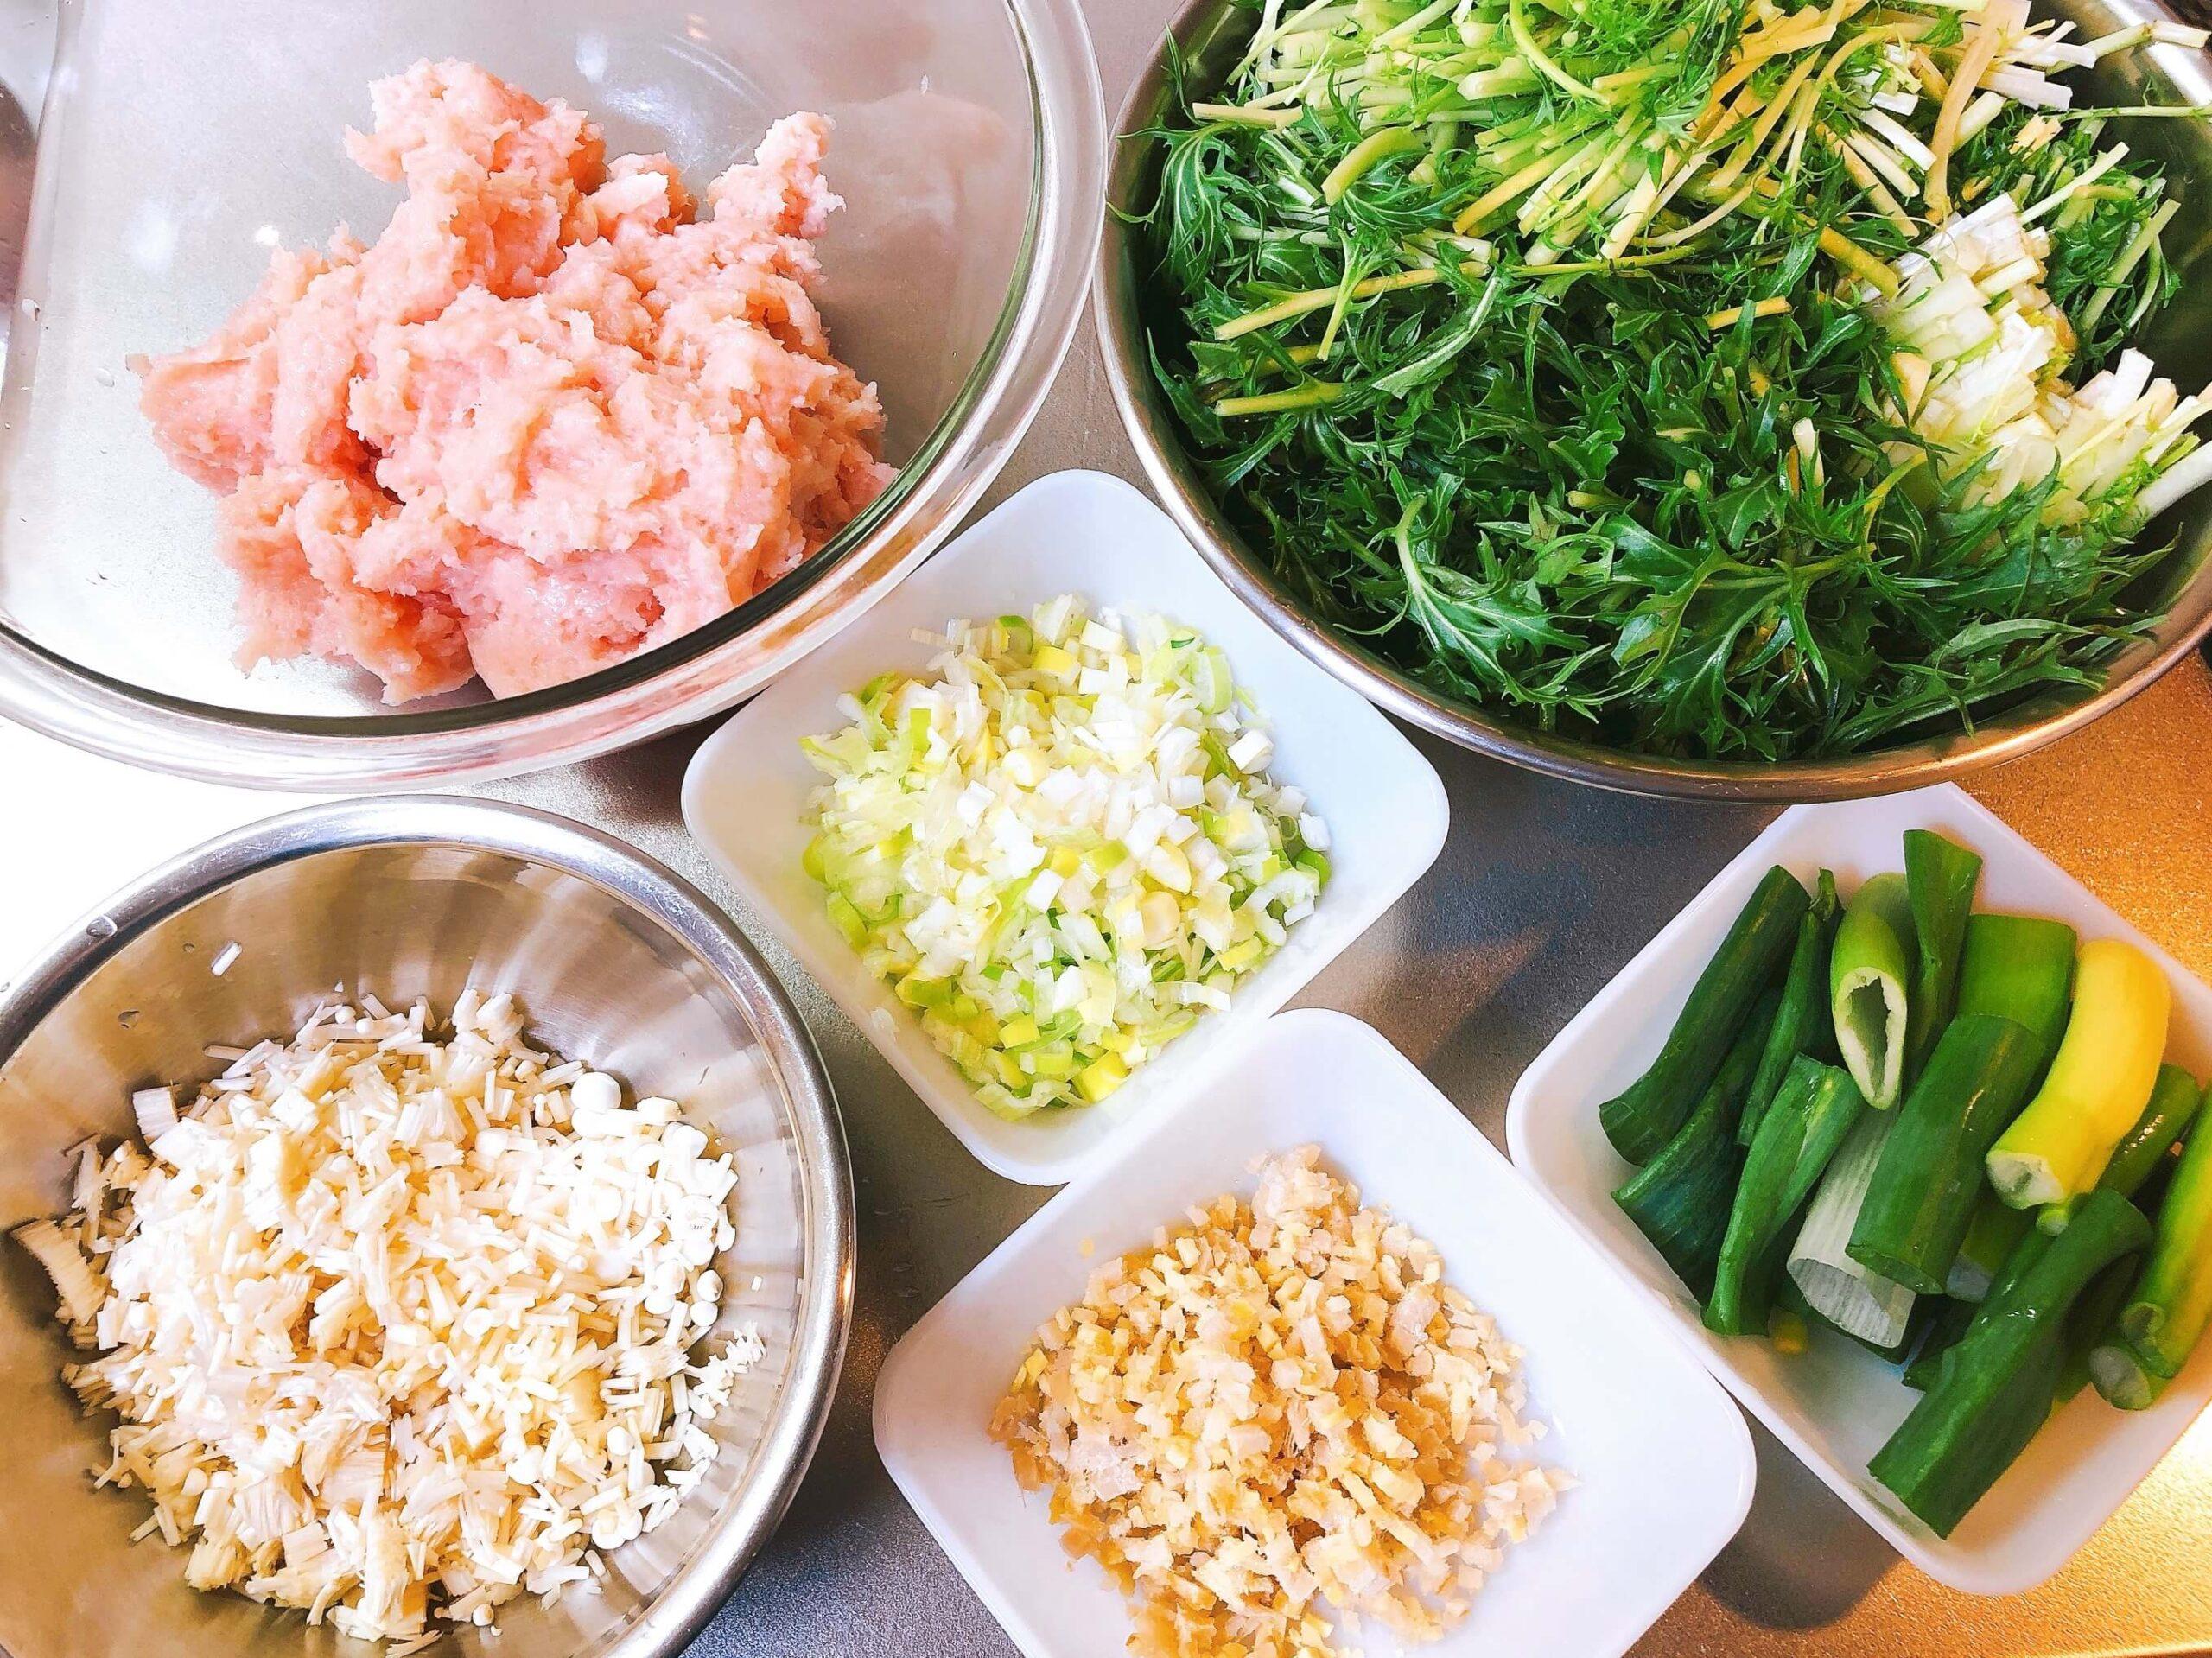 鶏団子と水菜の煮物材料